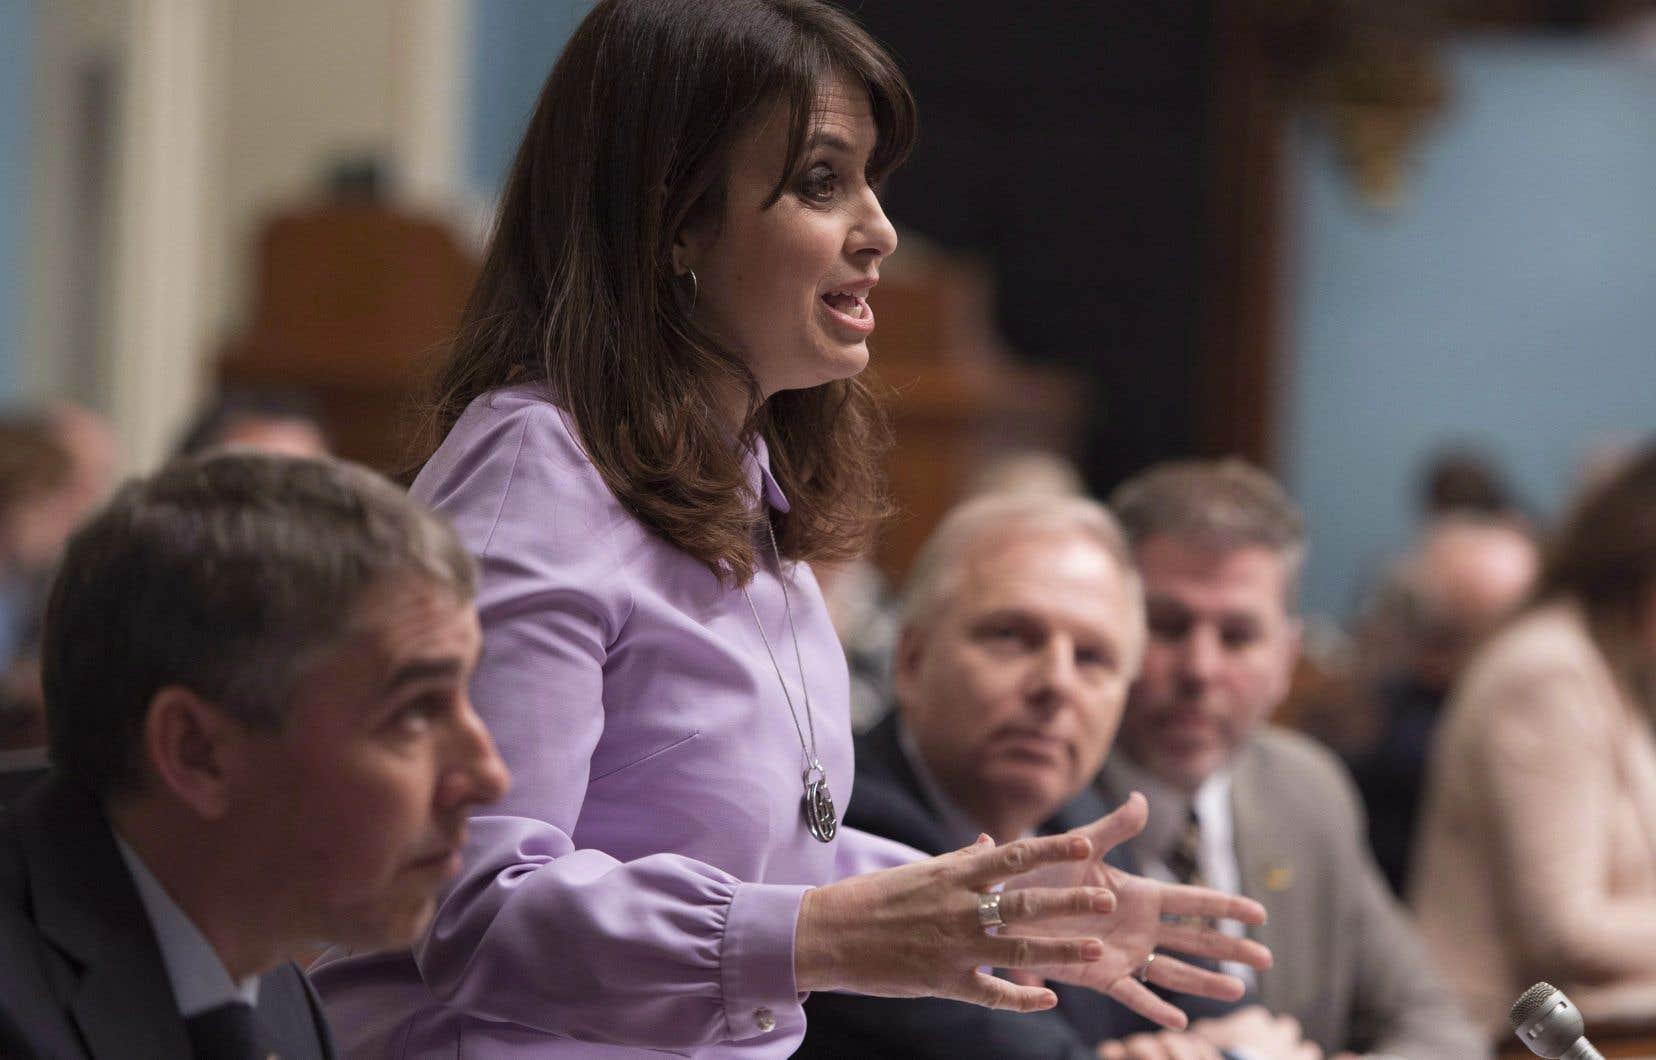 La vice-chef du PQ, Véronique Hivon, a demandé au gouvernement libéral de faire preuve de plus de «compassion» envers les parents d'enfants assassinés.